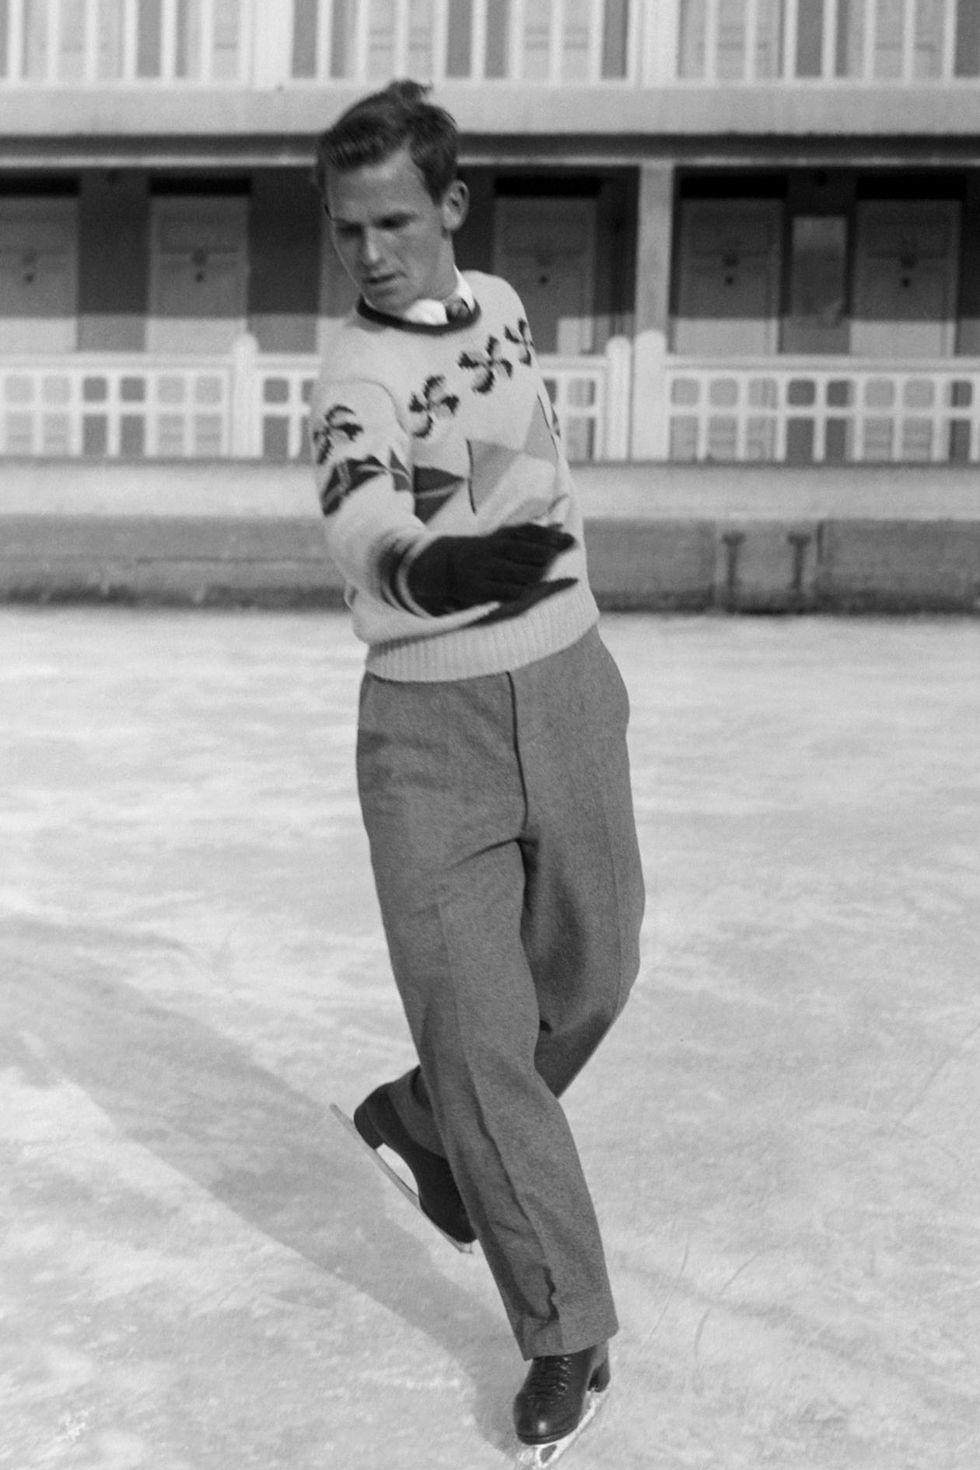 1948: Дик Бътън Фигуристите нямат опцията да се пързалят в спандекс преди 70 години поради простата причина, че материята още не е измислена по това време. Ето защо Дик Бътън си осигурява златенния медал в Санкт Мориц, Швейцария, облечен в плисиран панталон и дебел пуловер. Явно е толкова доволен от аутфита си, че го повтаря след 4 години в Осло.